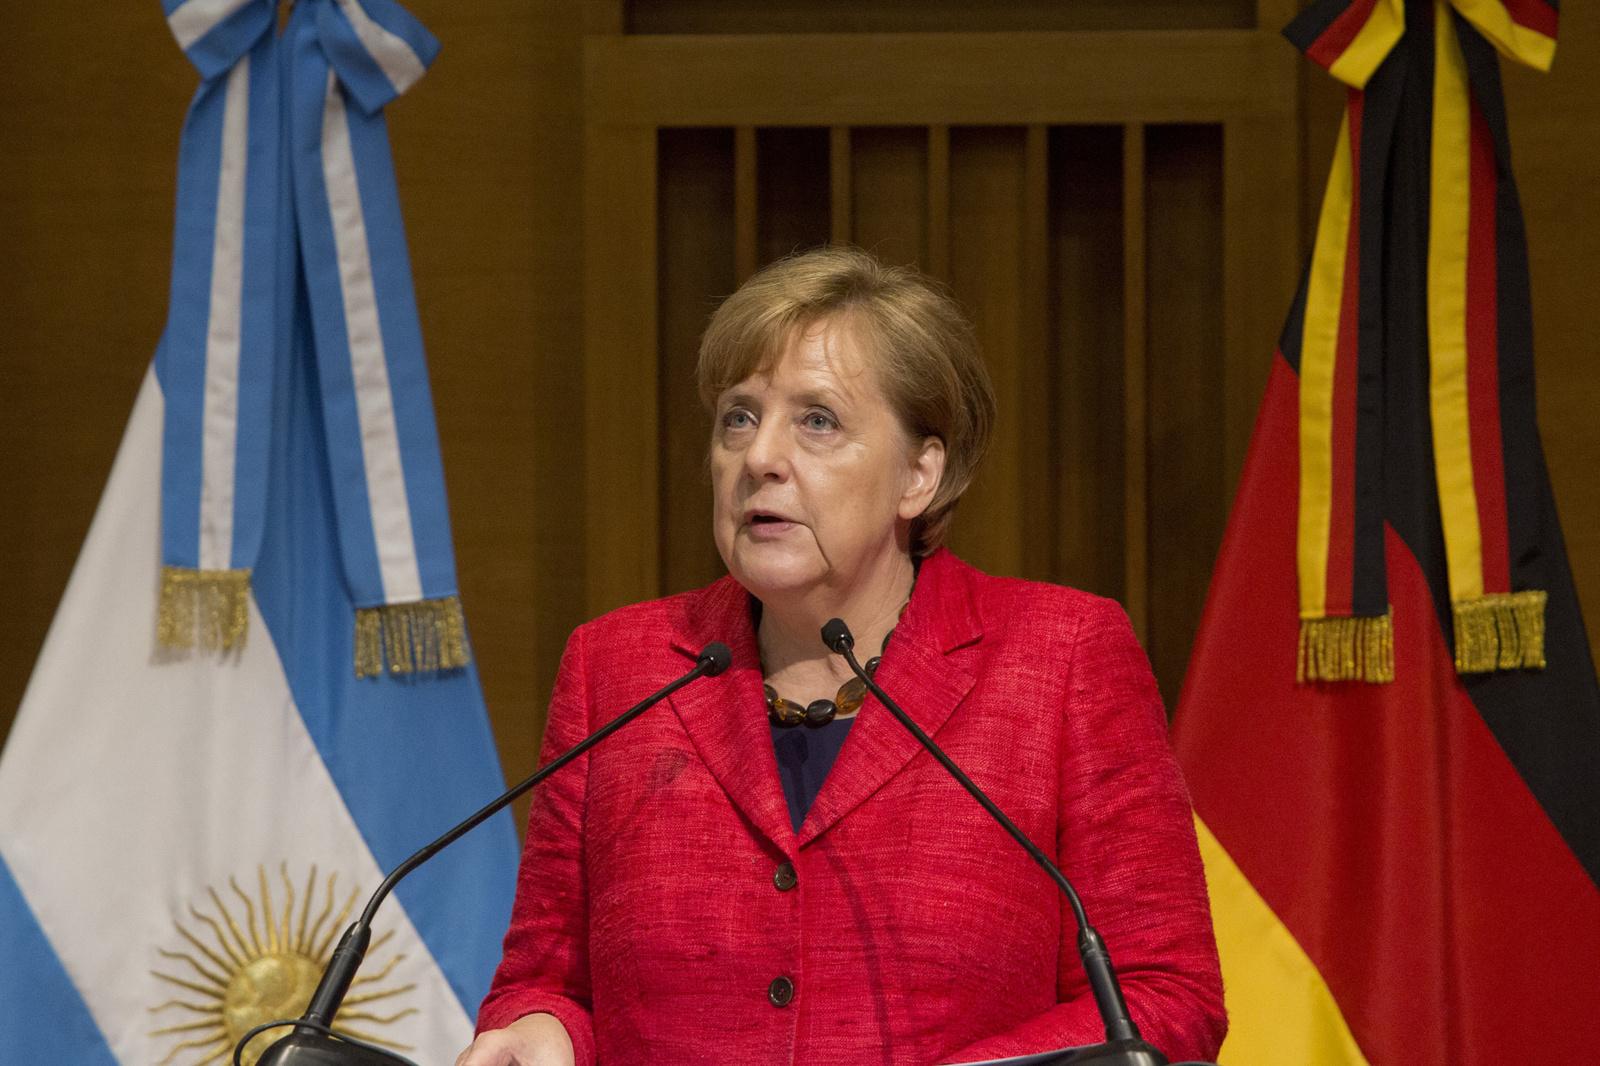 Vokietijos konservatoriai pradeda ieškoti naujo potencialaus įpėdinio kanclerei A. Merkel